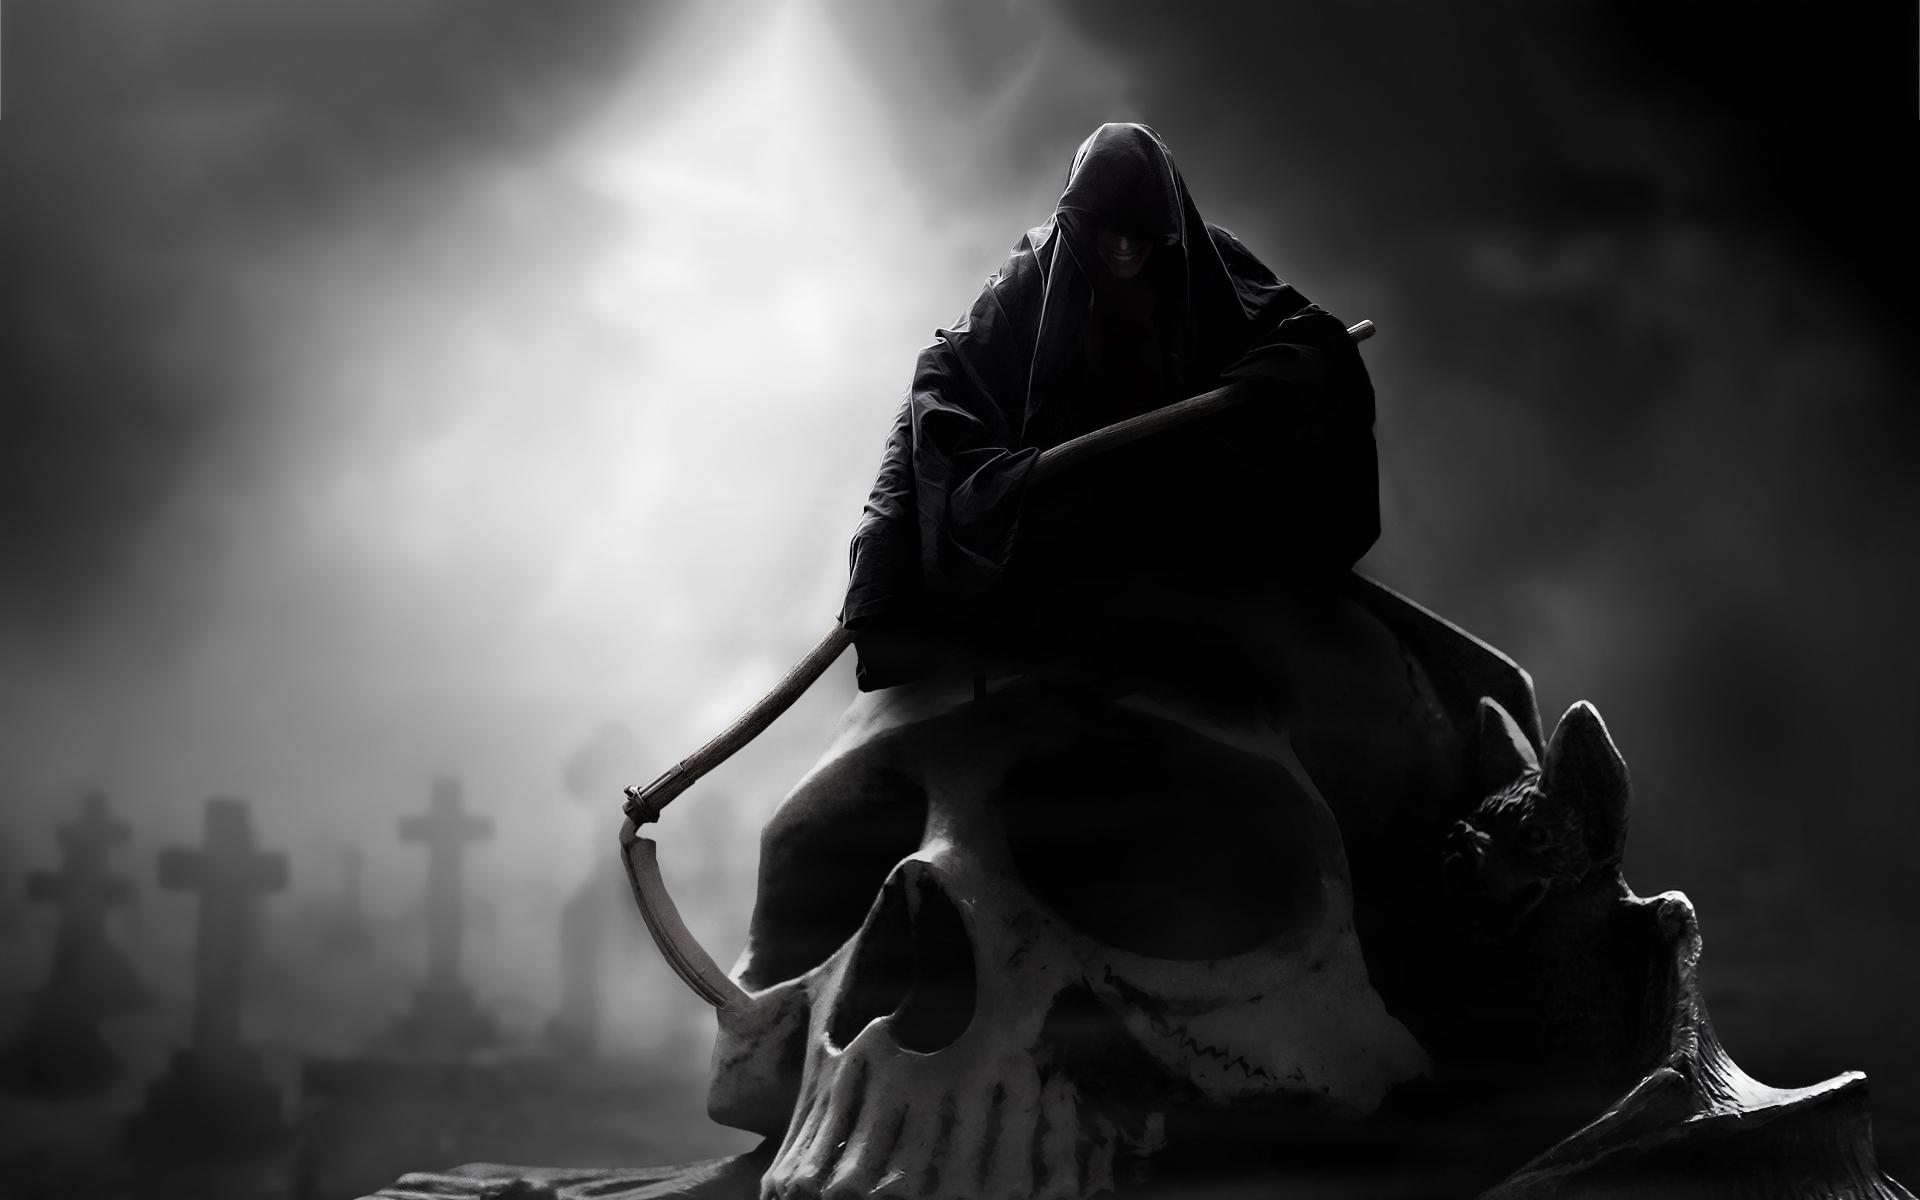 Grim Reaper Photos